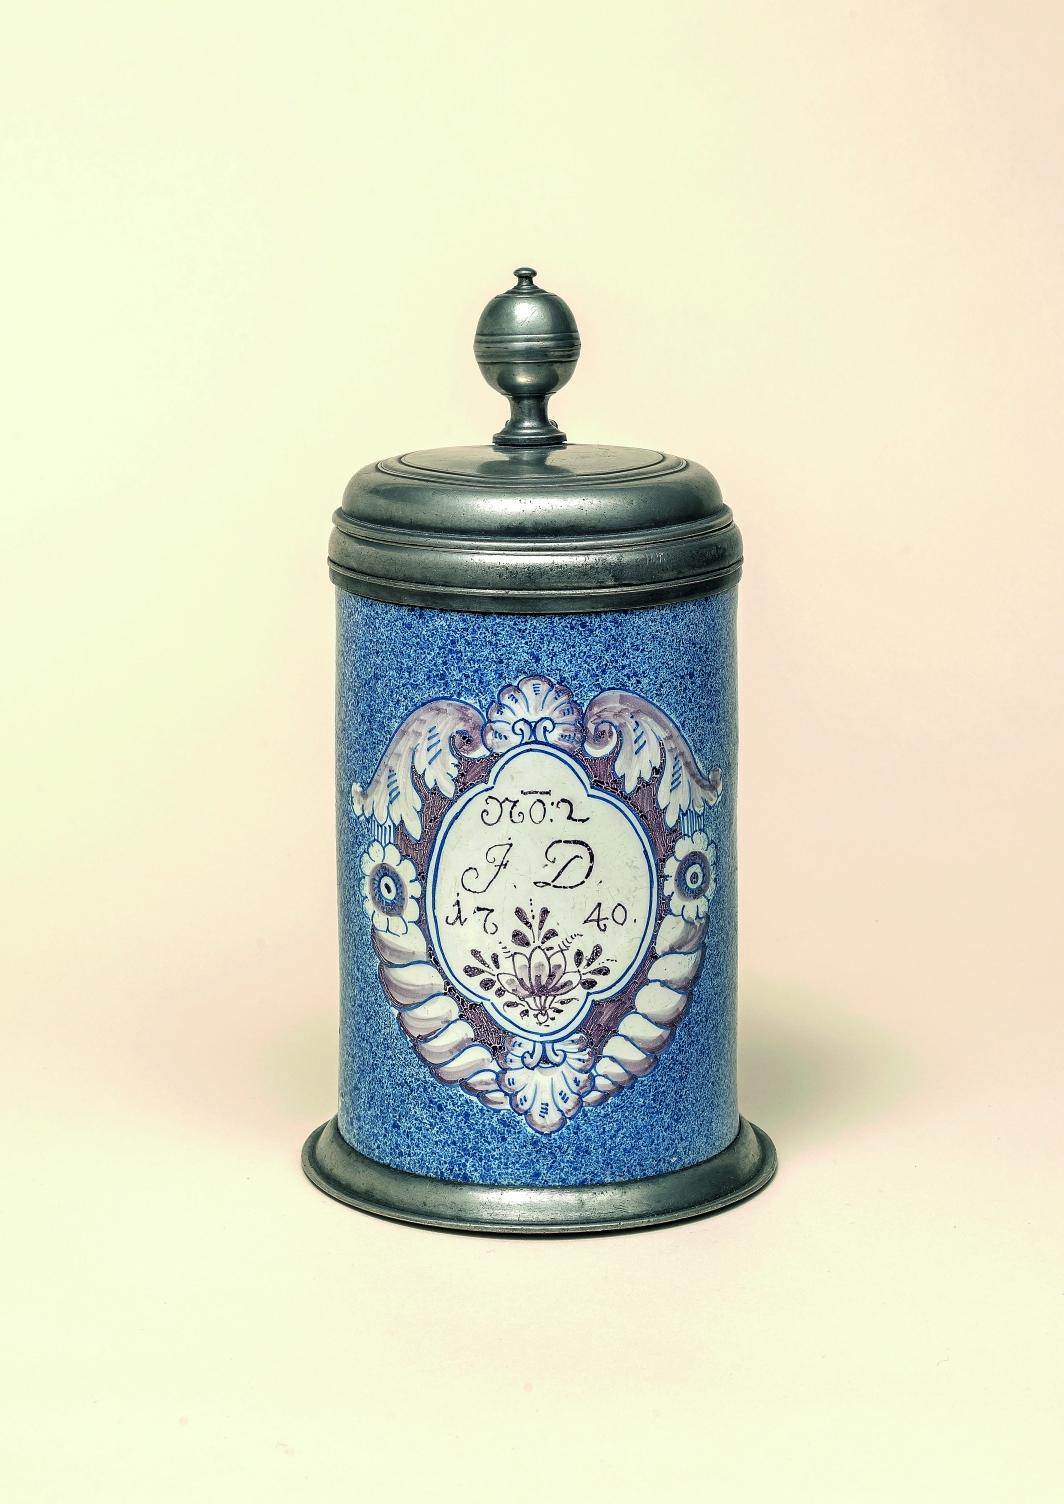 German-Fainence-Bayreuther Fayencewalzenkrug datiert 1740